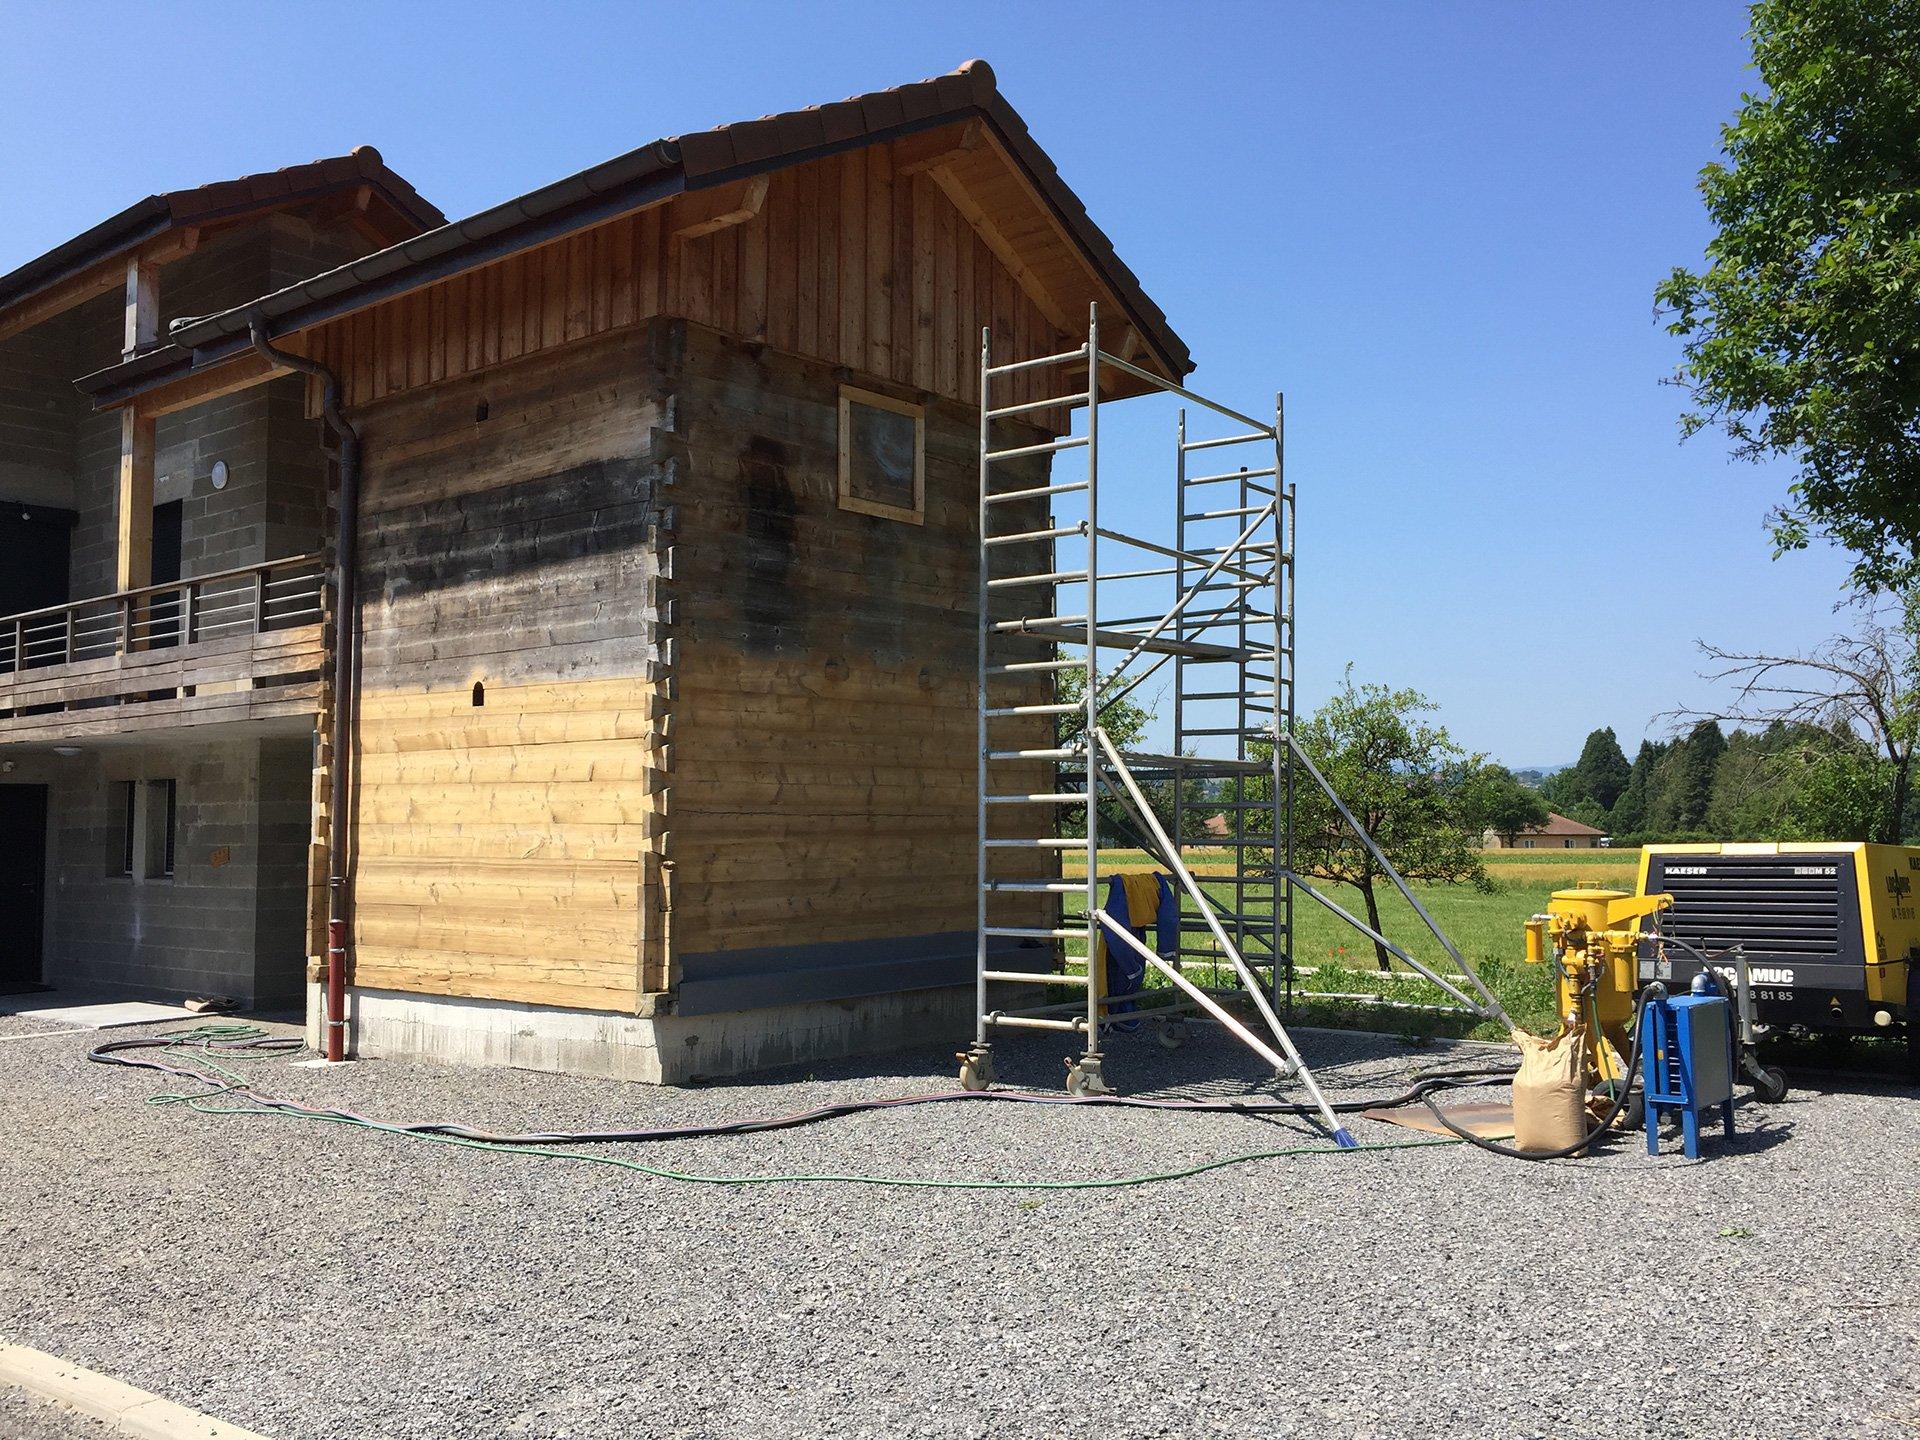 Travaux de rénovation d'un chalet en bois par aérogommage à Moutiers